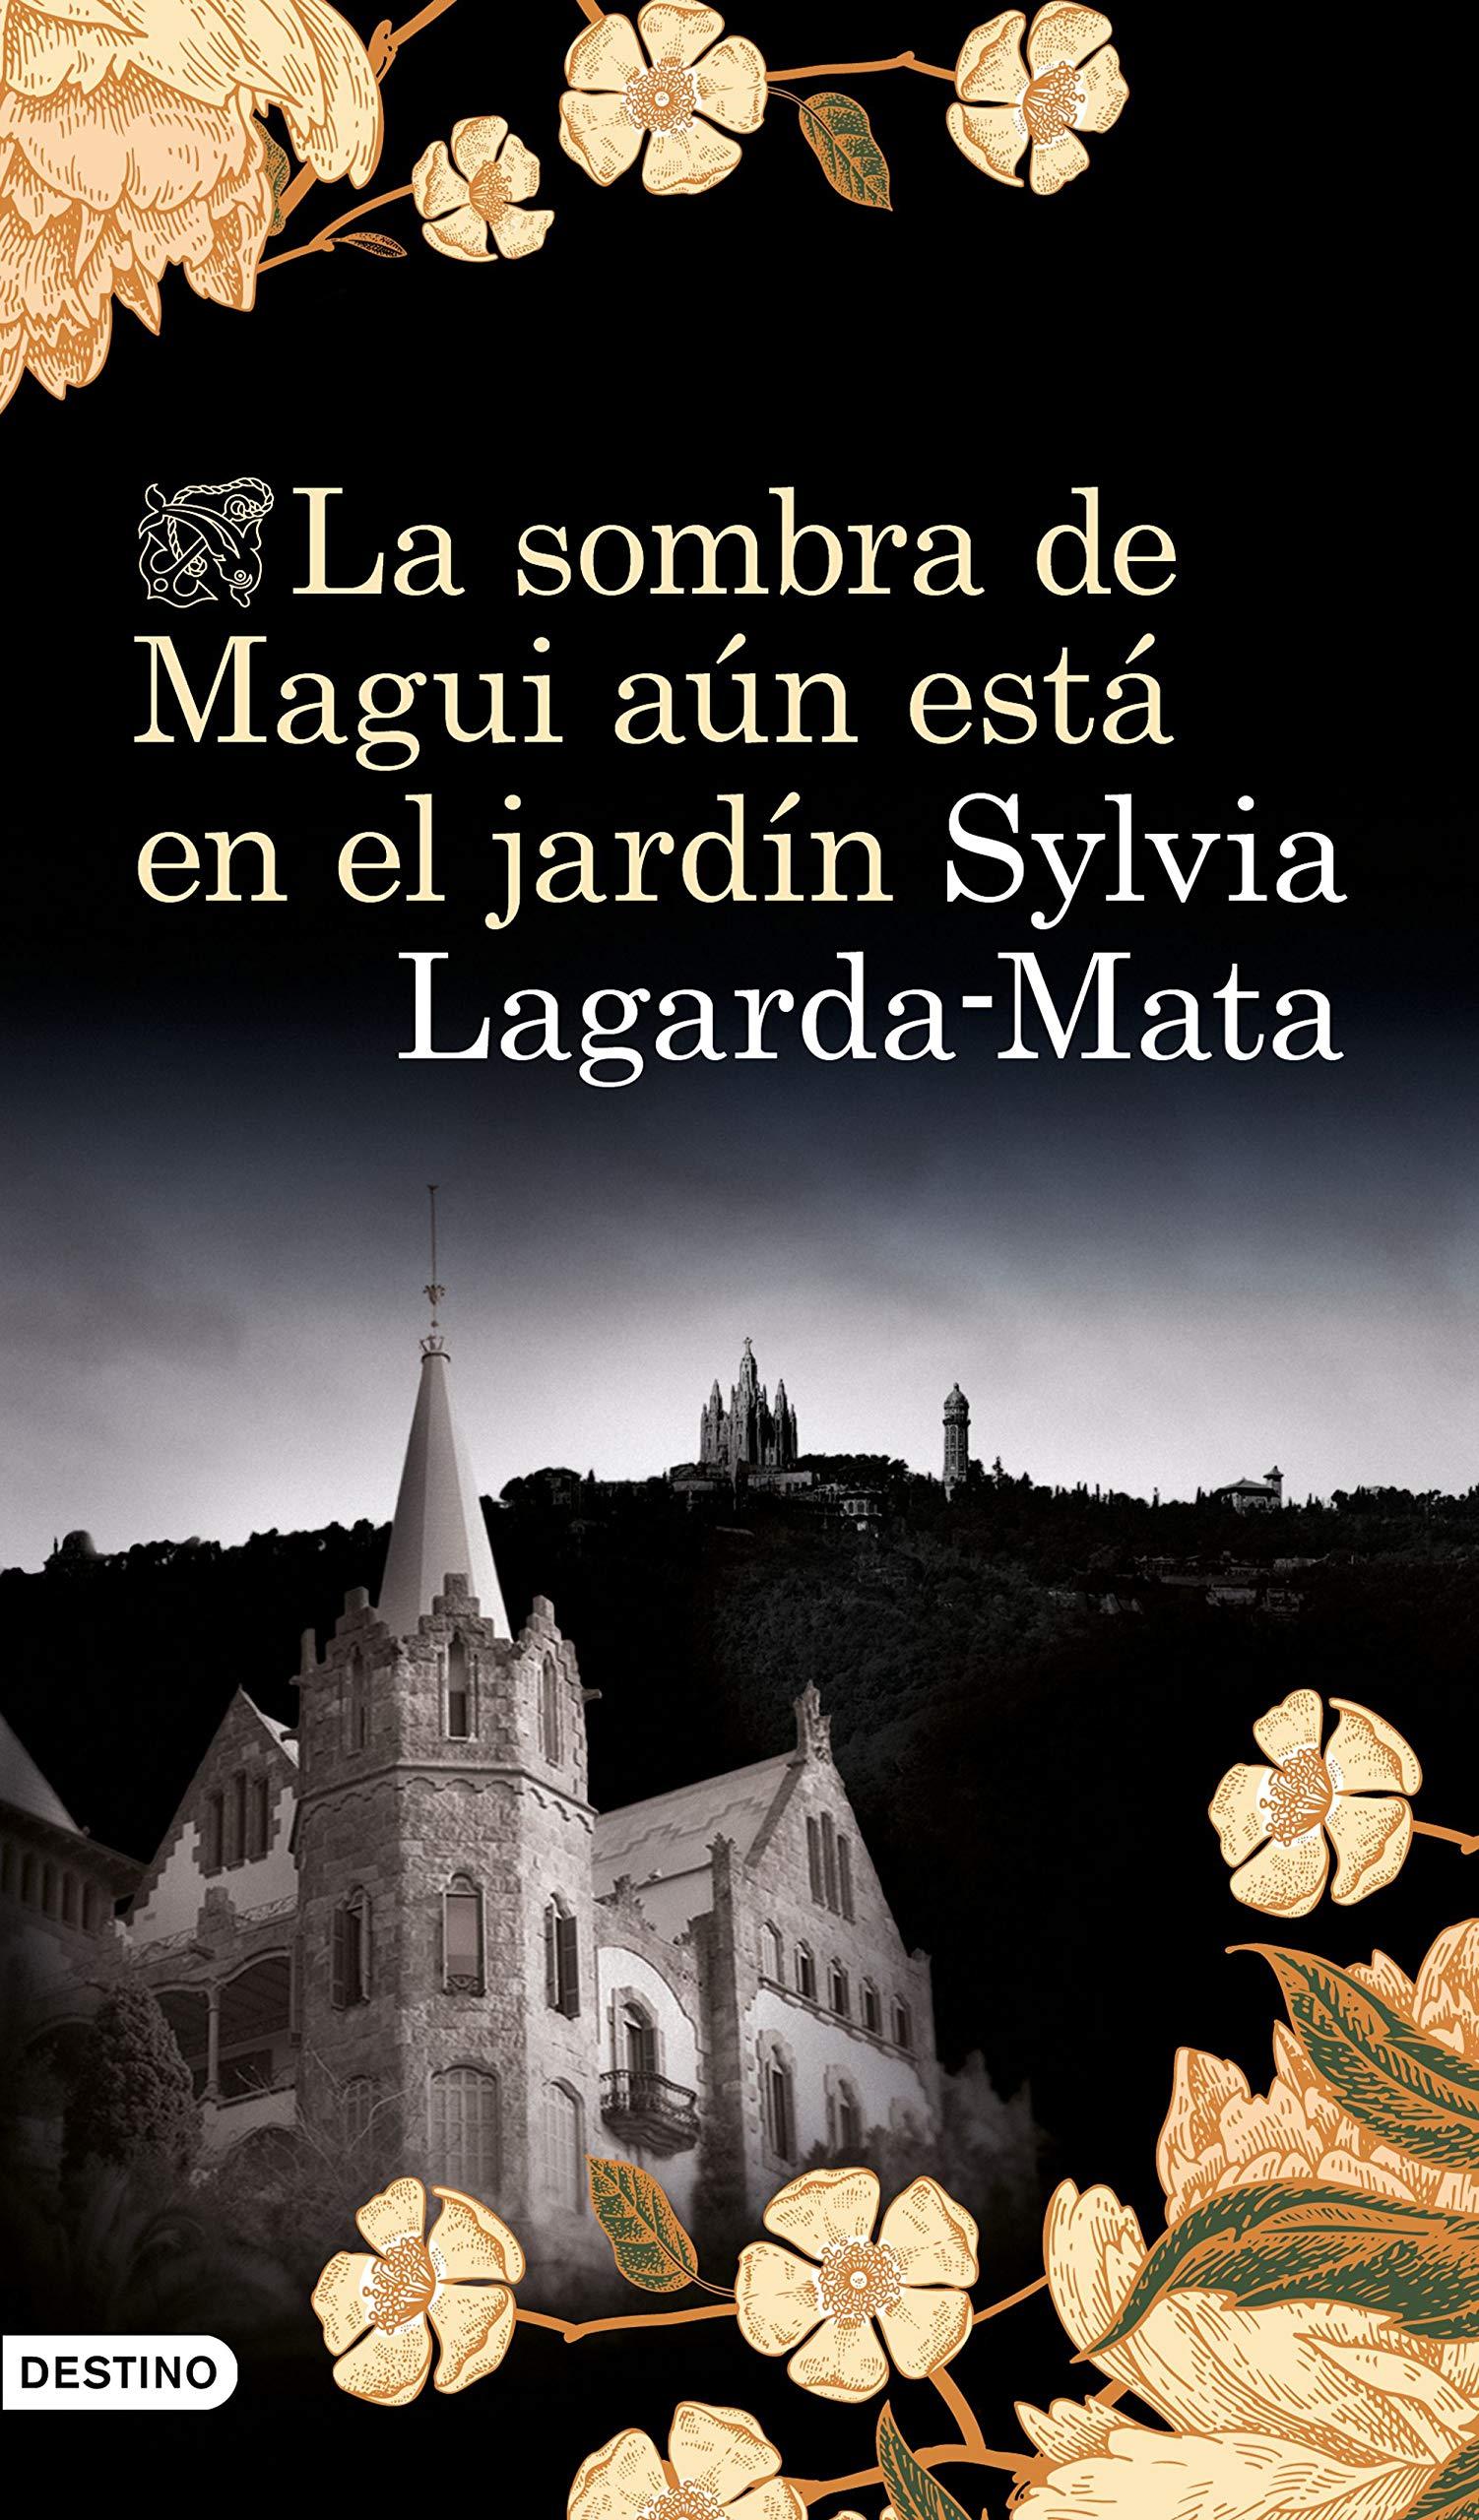 La sombra de Magui aún está en el jardín Áncora & Delfin: Amazon.es: Lagarda Mata, Sylvia, Lagarda Mata, Sylvia: Libros